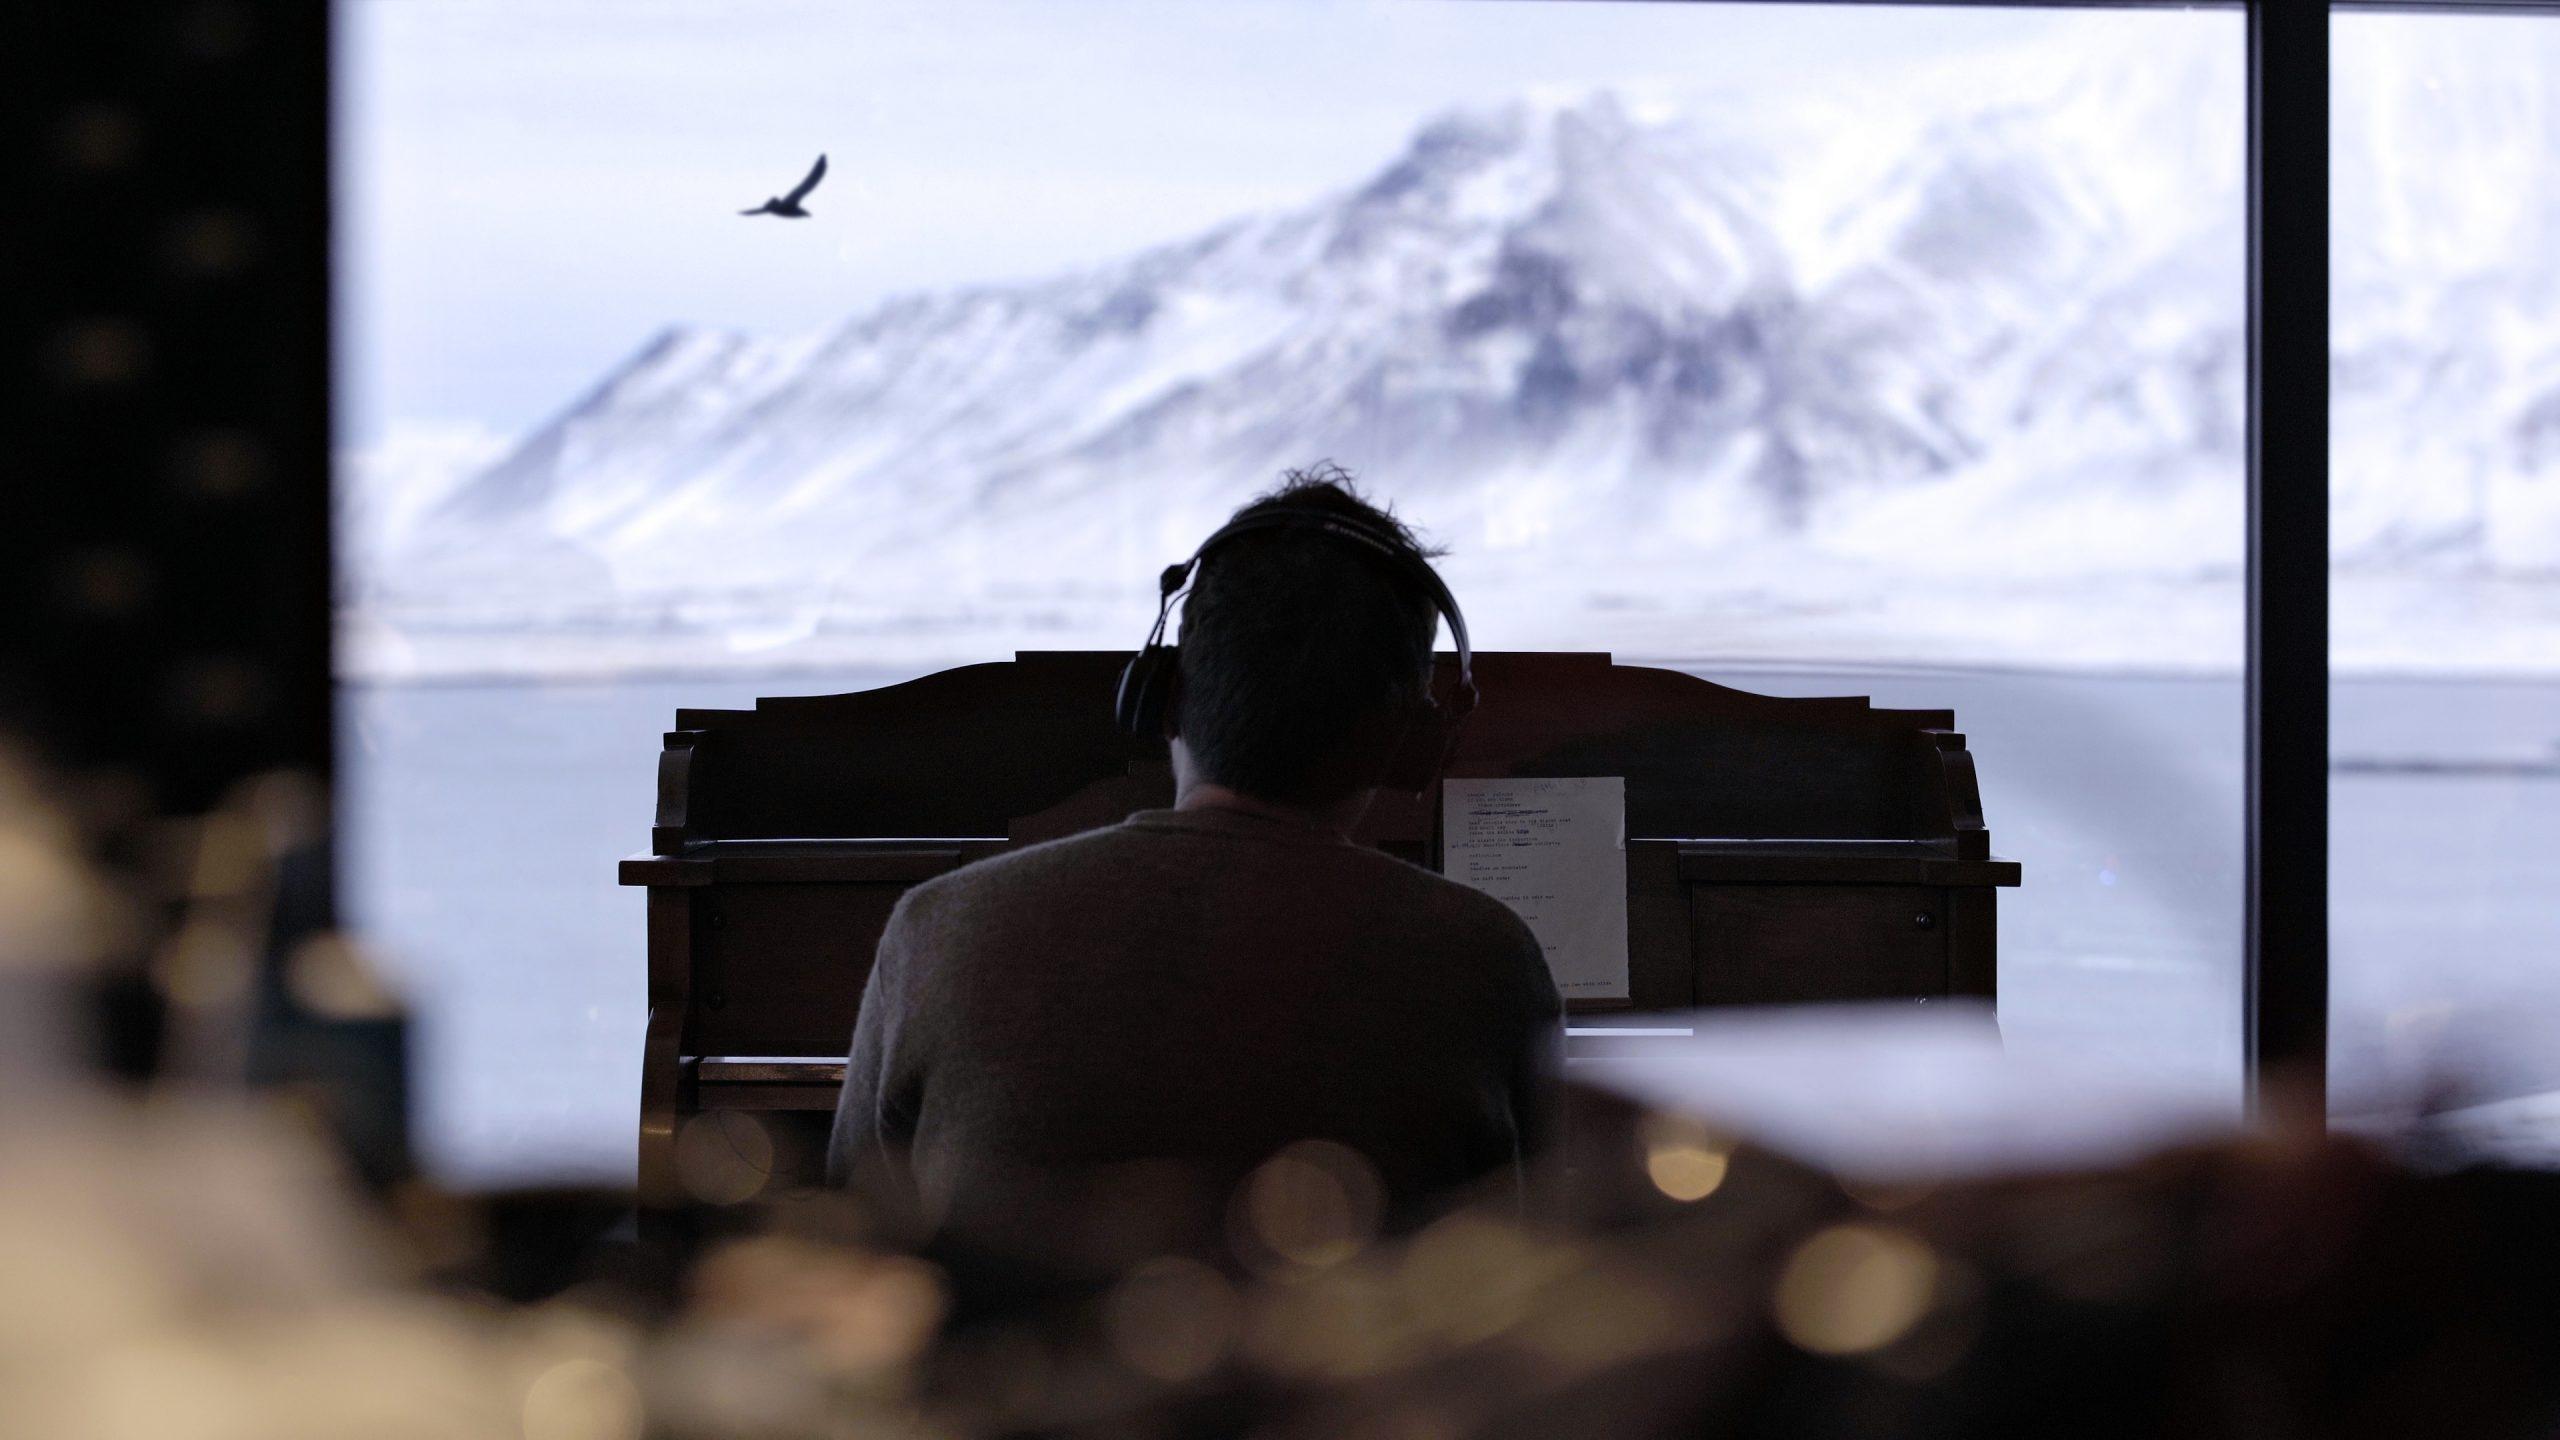 TheNearer the Fountain, More Pure the Stream Flows es el nuevo proyecto musical de Damon Albarn inspirado en los paisajes de Islandia